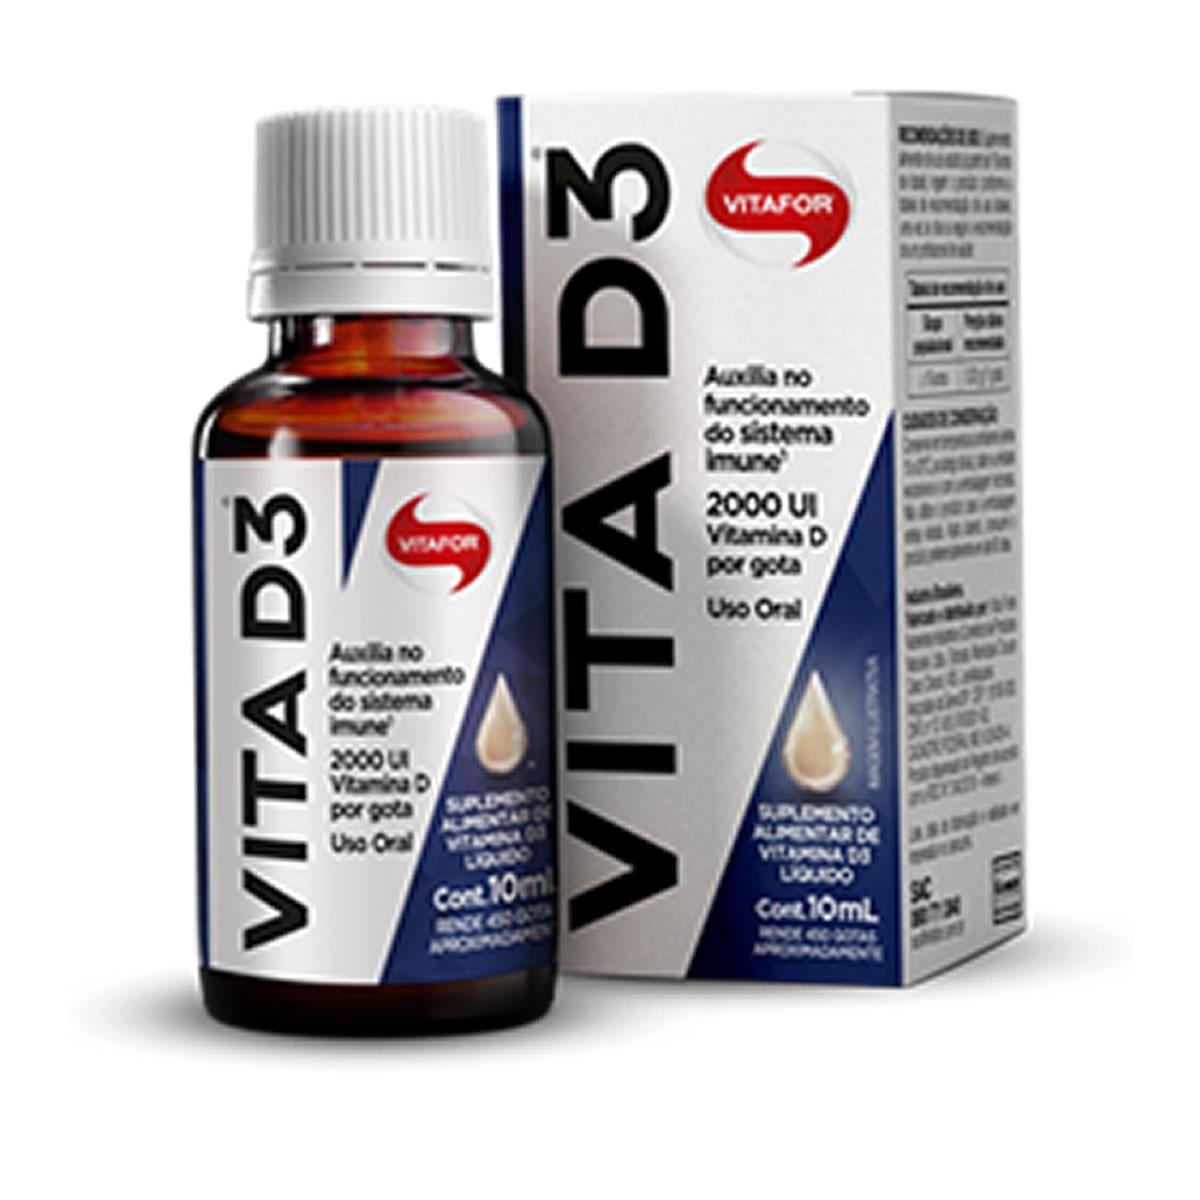 Vitamina D3 10ml - VItafor